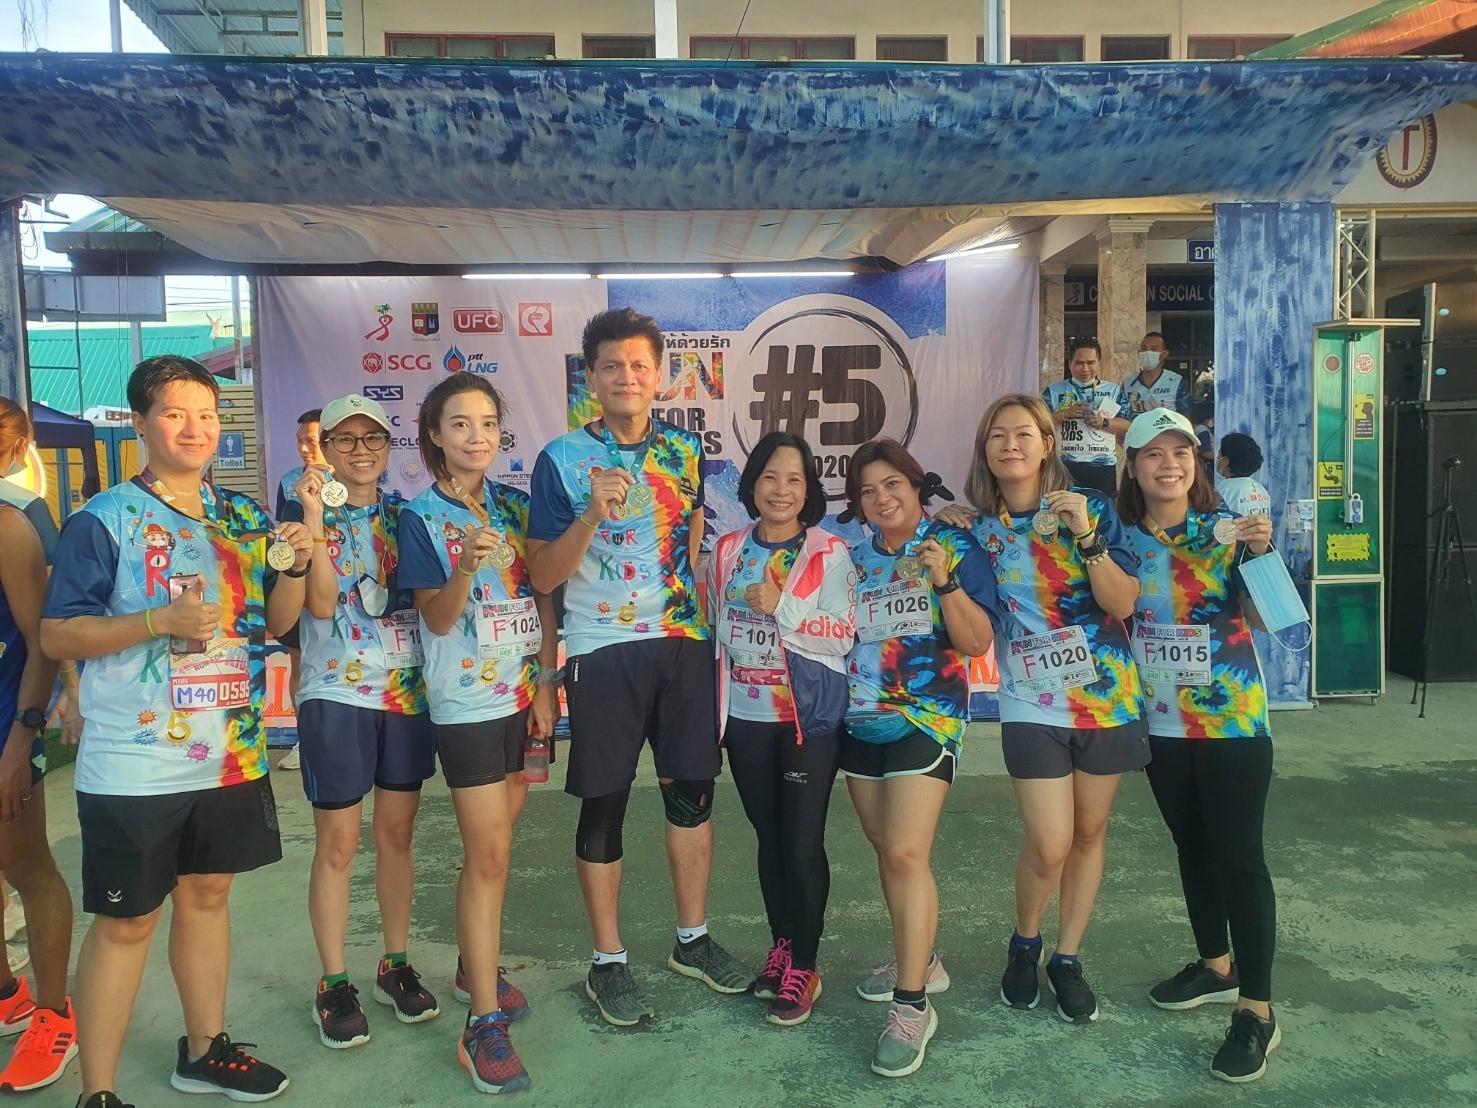 ร่วมกิจกรรมวิ่งการกุศล Run For Kids #5 วิ่งด้วยใจให้ด้วยรัก  ครั้งที่ 5